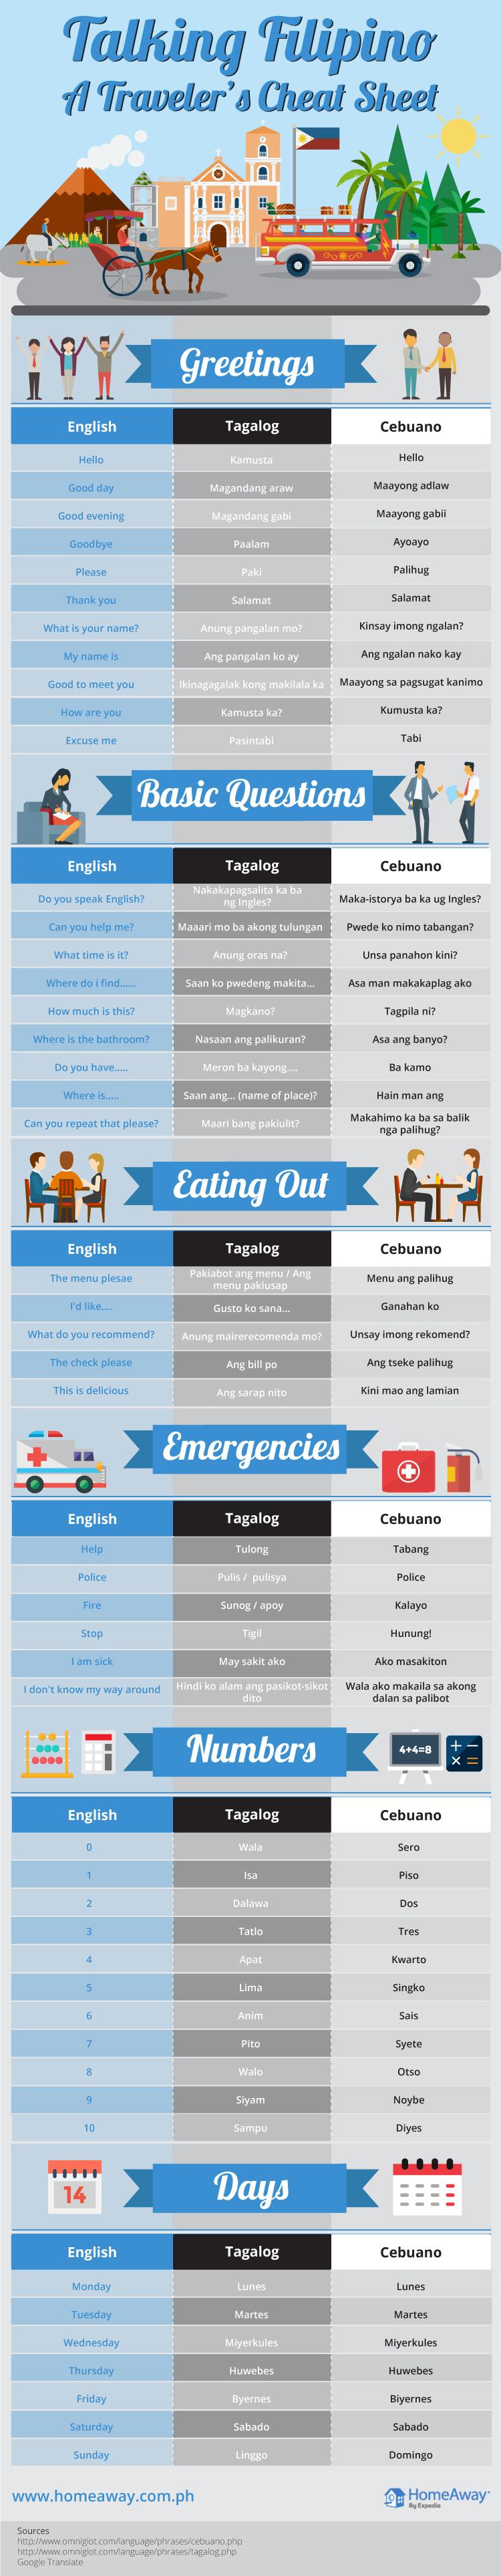 Speaking Filipino - Philippines Language Travel Guide